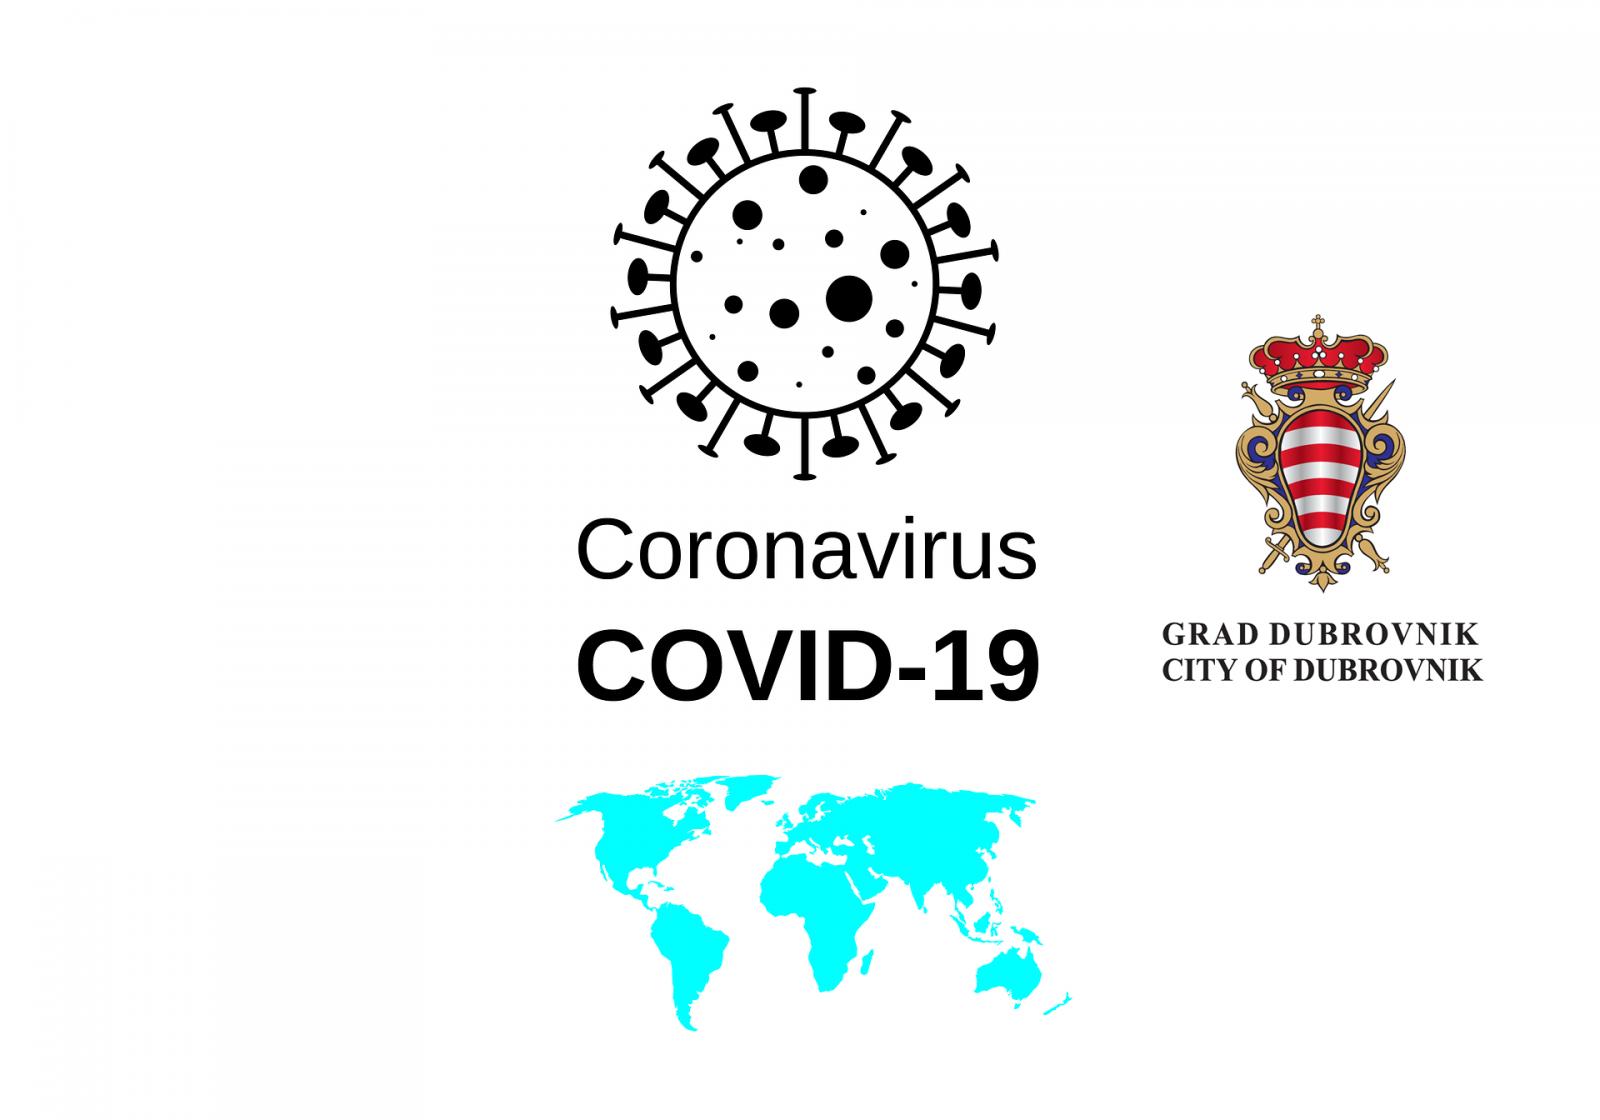 Grad Dubrovnik prijavio 3,3 milijuna kuna za sufinanciranje troškova nastalih uslijed pandemije koronavirusa